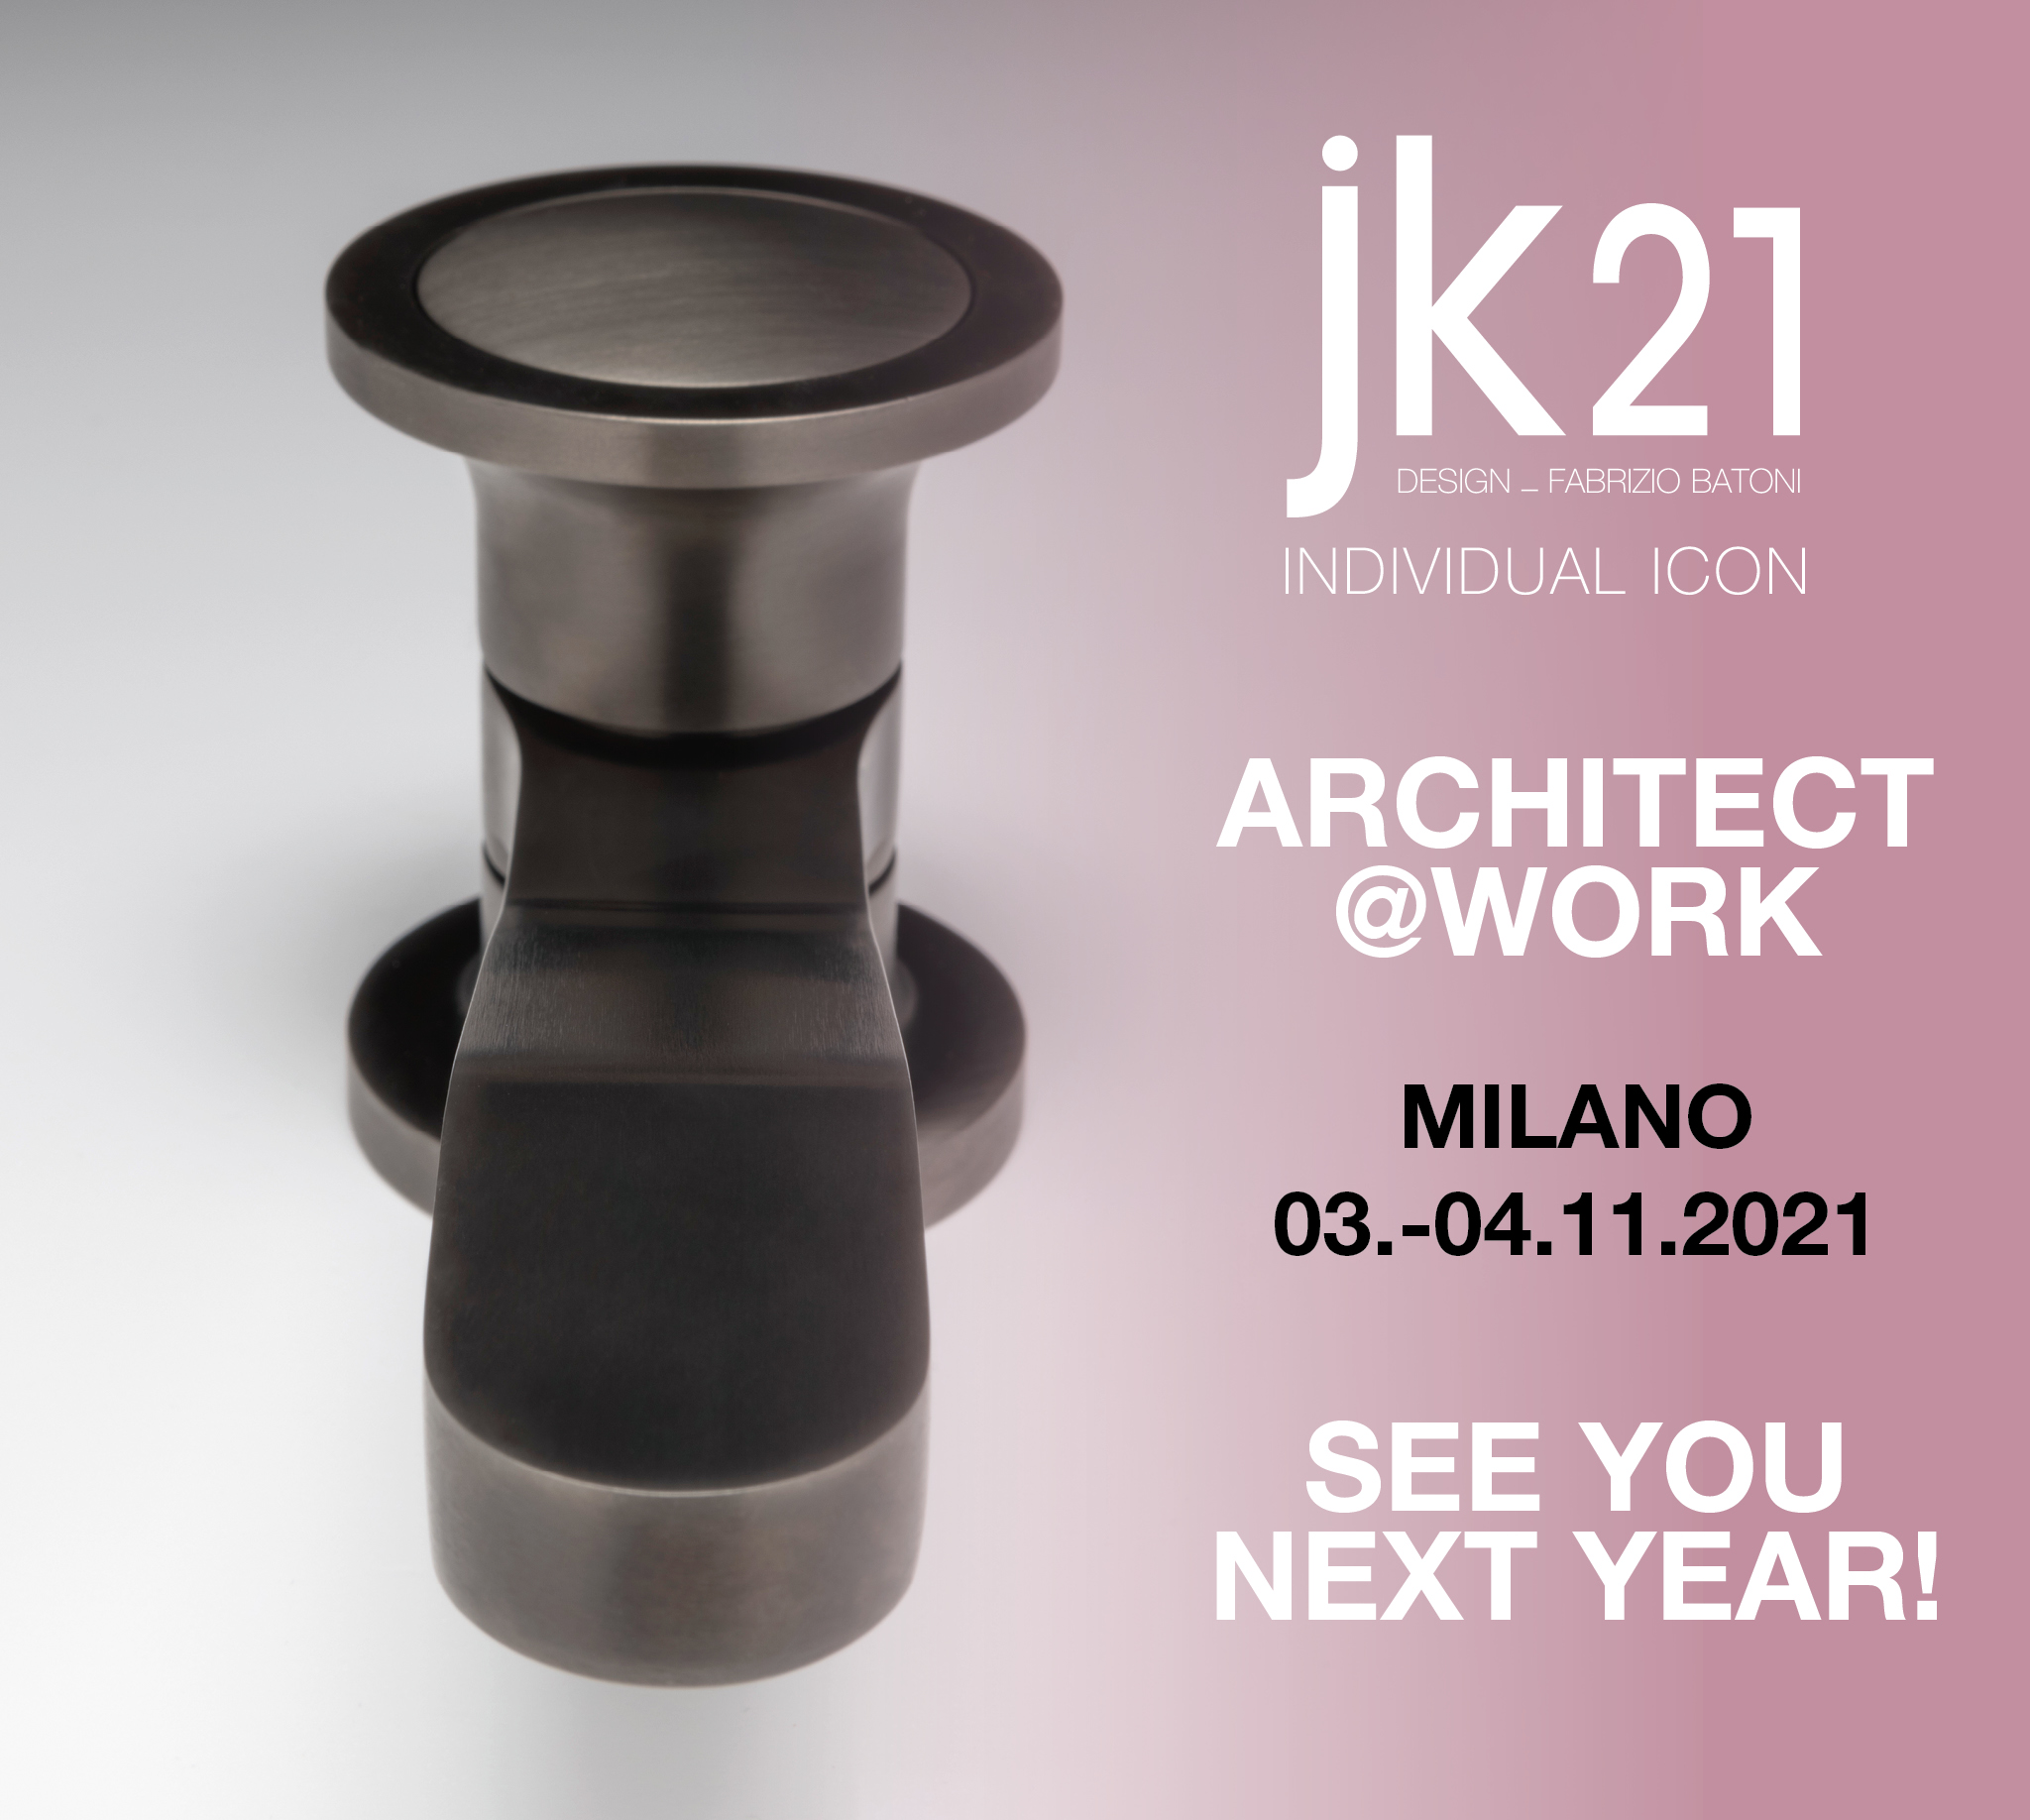 Architect @ Work Milano posticipata al 2021